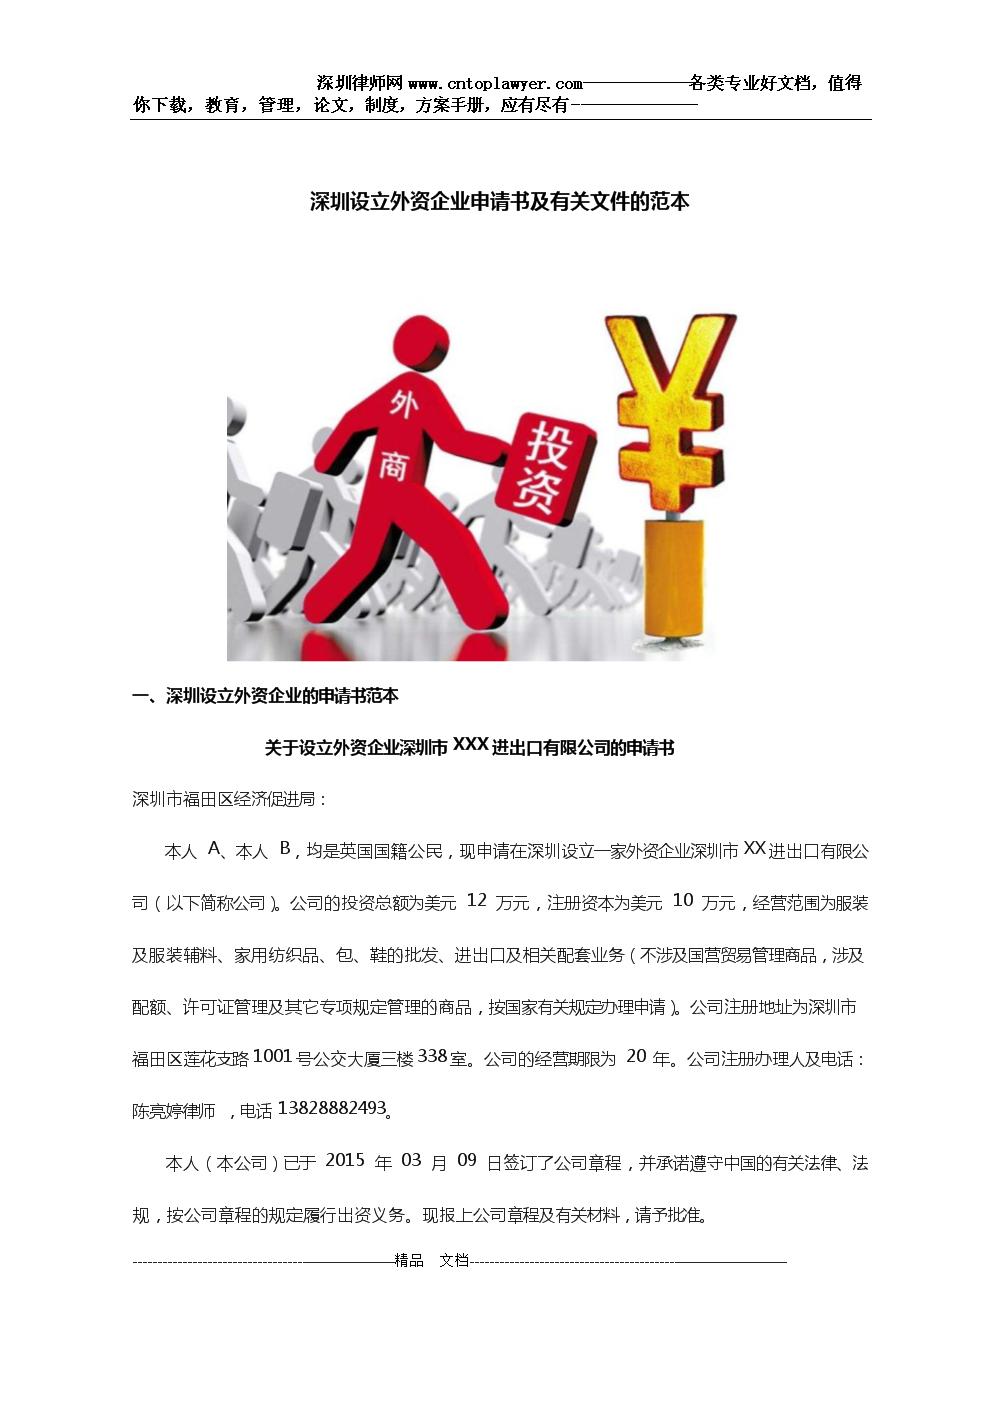 深圳设立外资企业申请书及有关文件的范本.docx